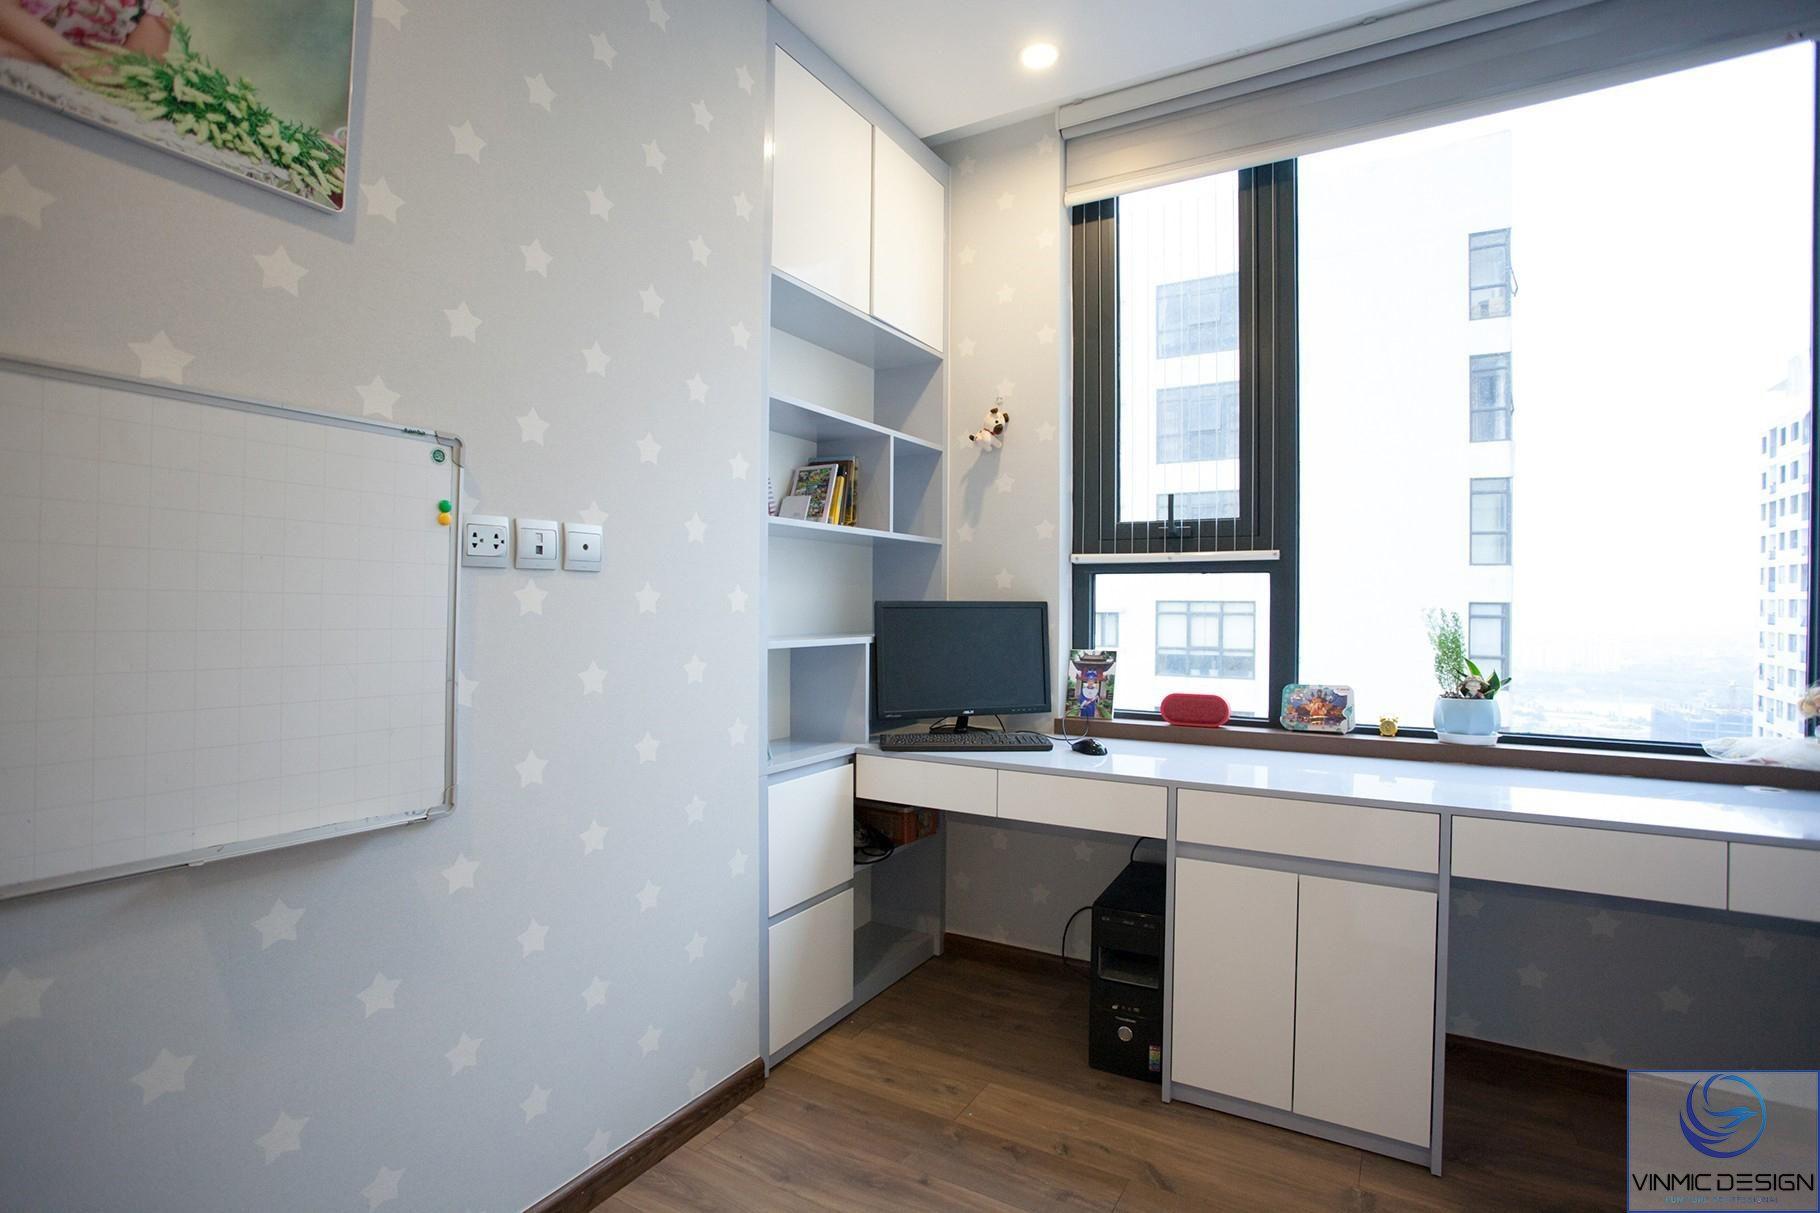 Bàn học kết hợp với tủ sách tạo nên không gian rông rãi cho căn phòng.